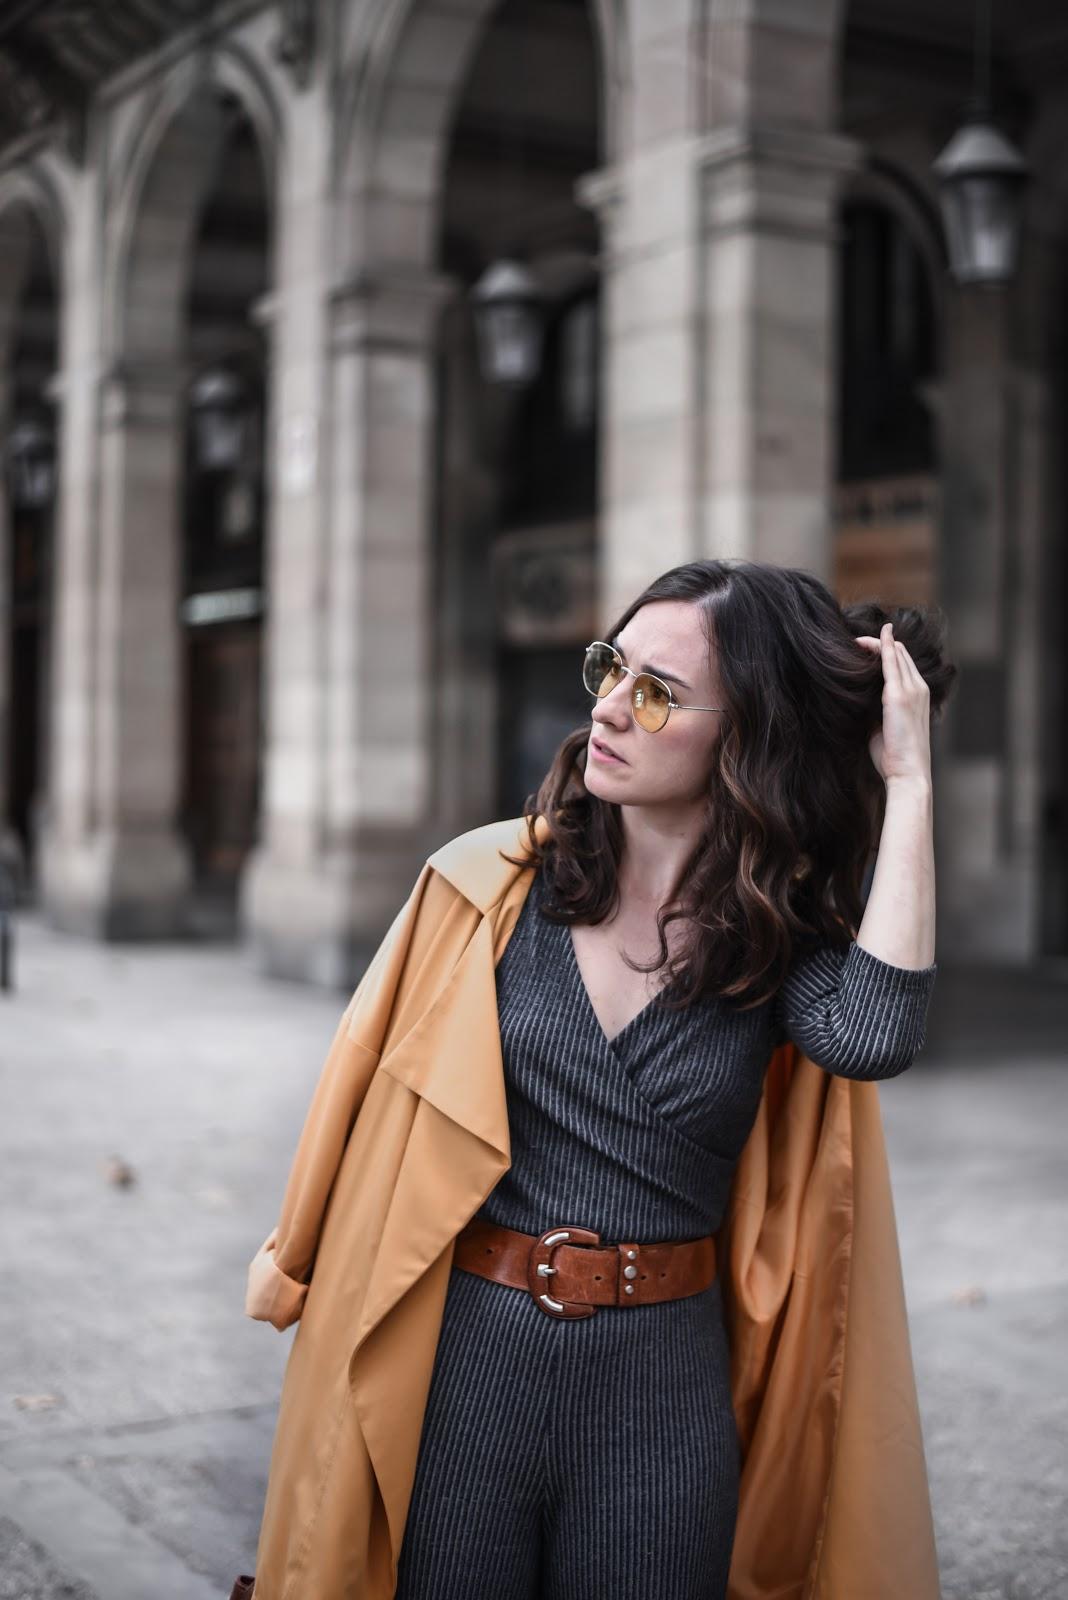 autumn_jumpsuit_street_style_yellow_sunglasses